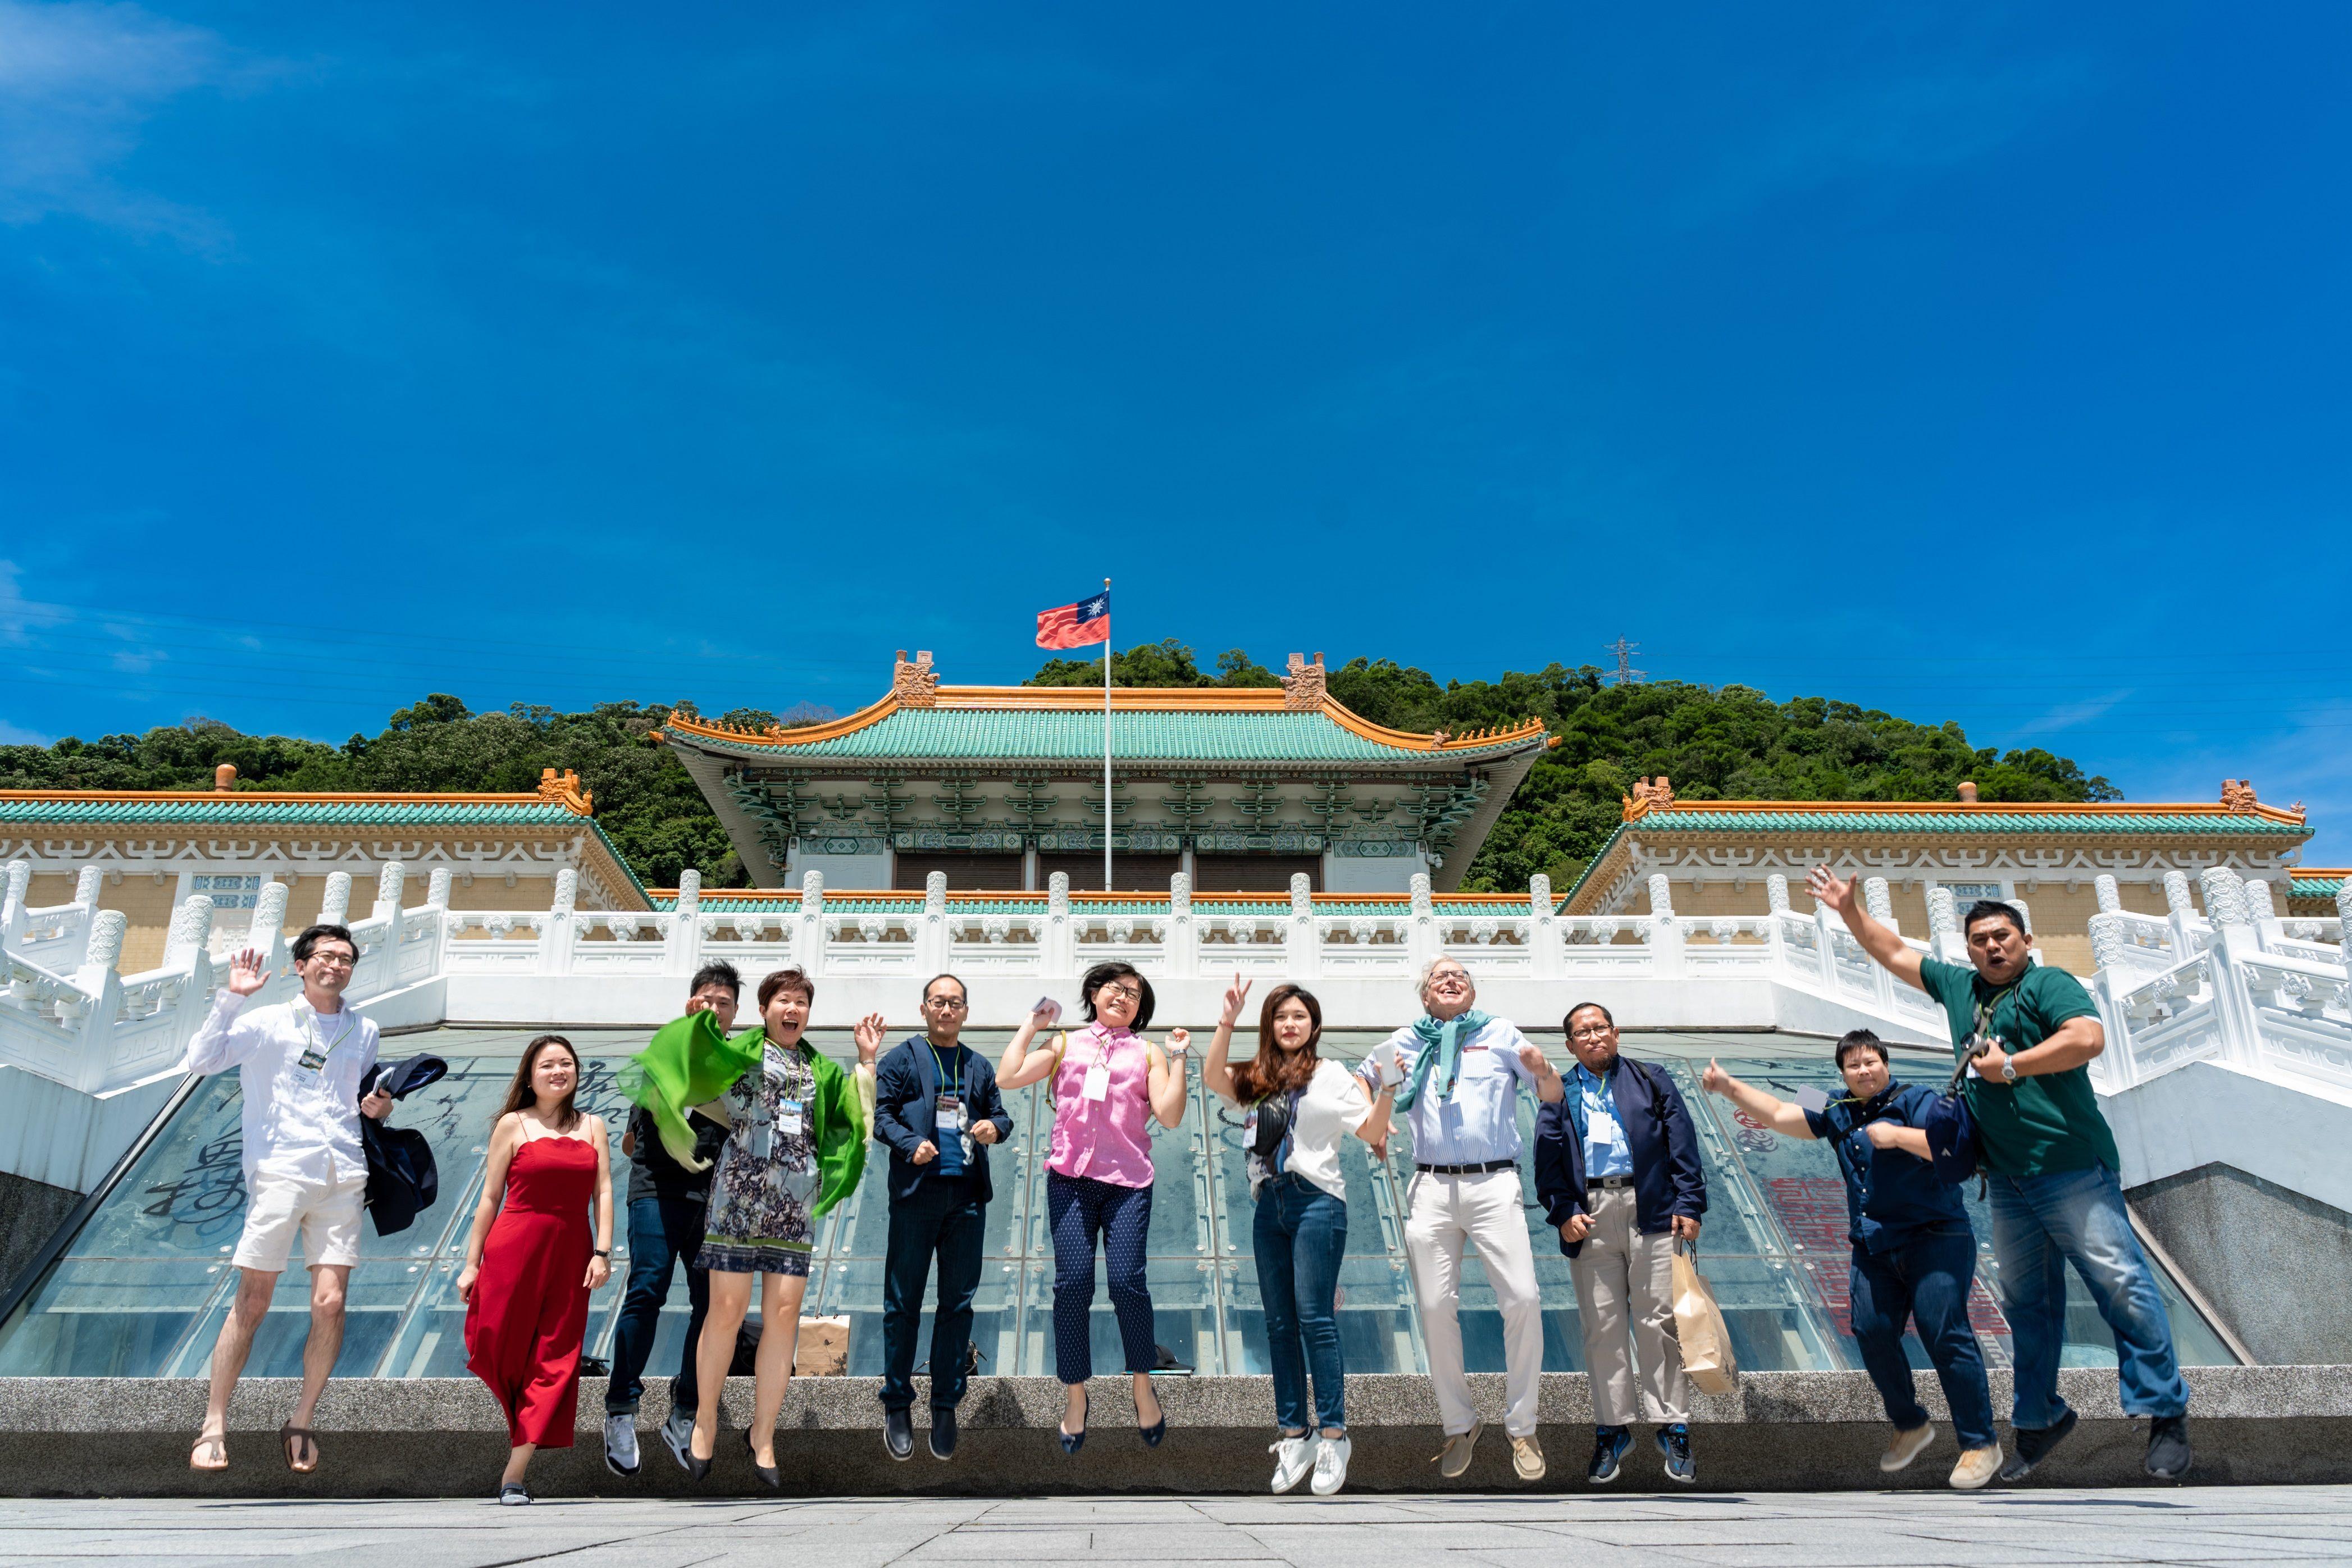 業者走訪多個臺北市場館及景點,於國立故宮博物院前開心合影